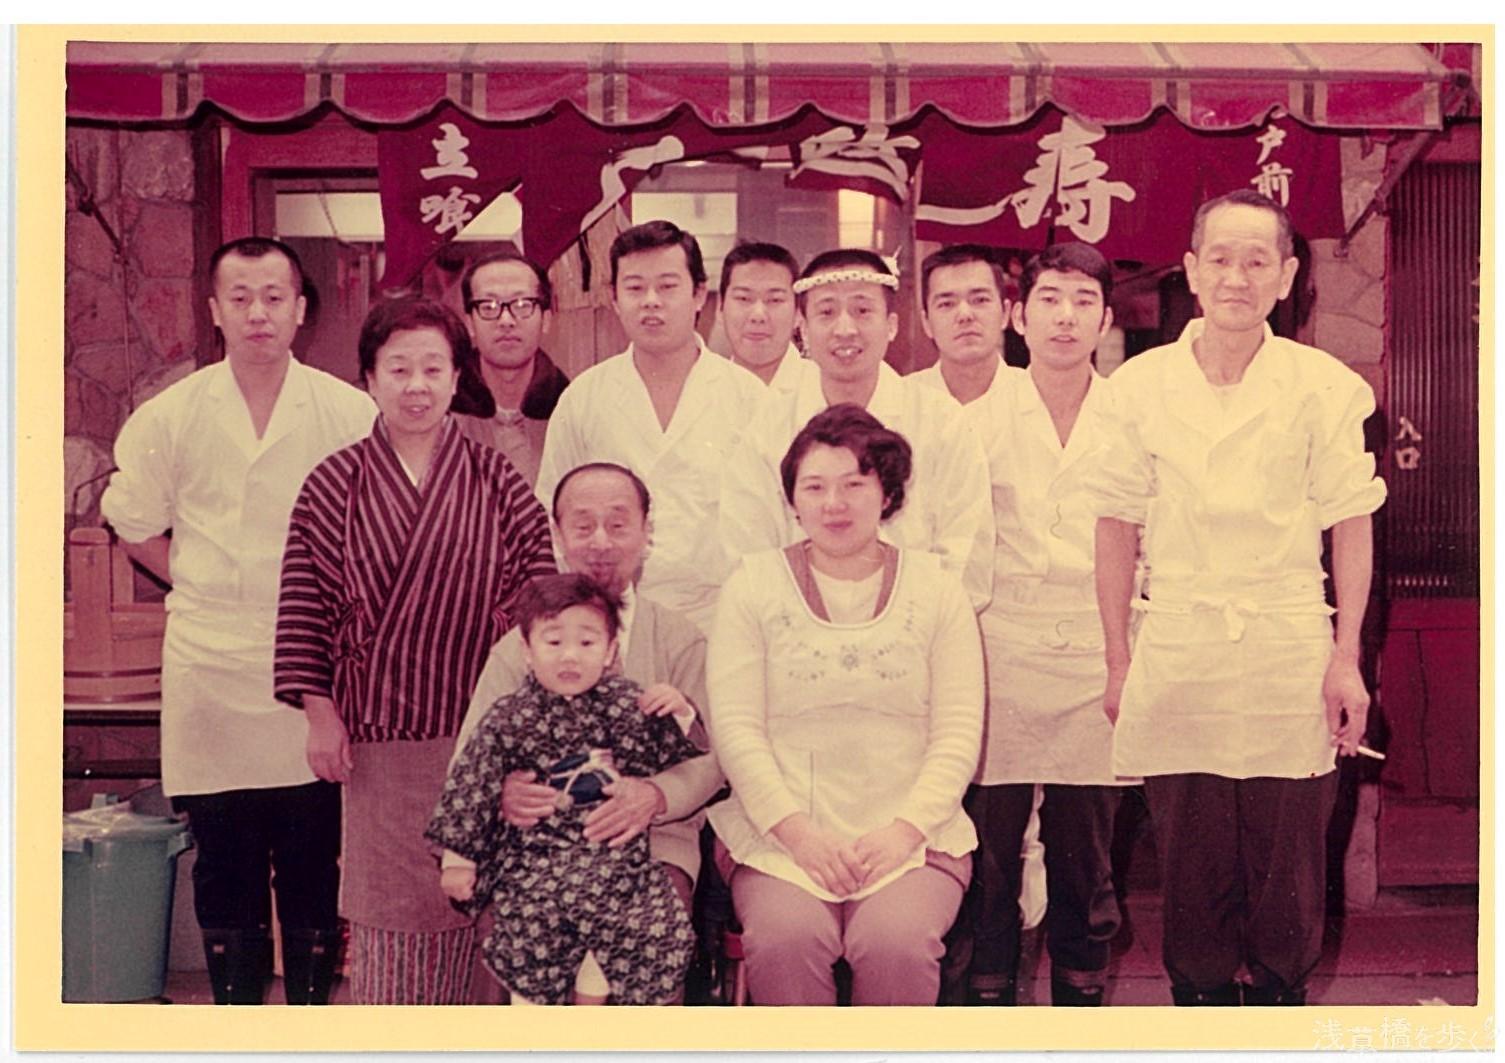 昭和45年に撮影された集合写真。ねじり鉢巻き姿の大山さんの前に座るのは女将の秀子さん。抱えられた子どもは長男の宏之さん。